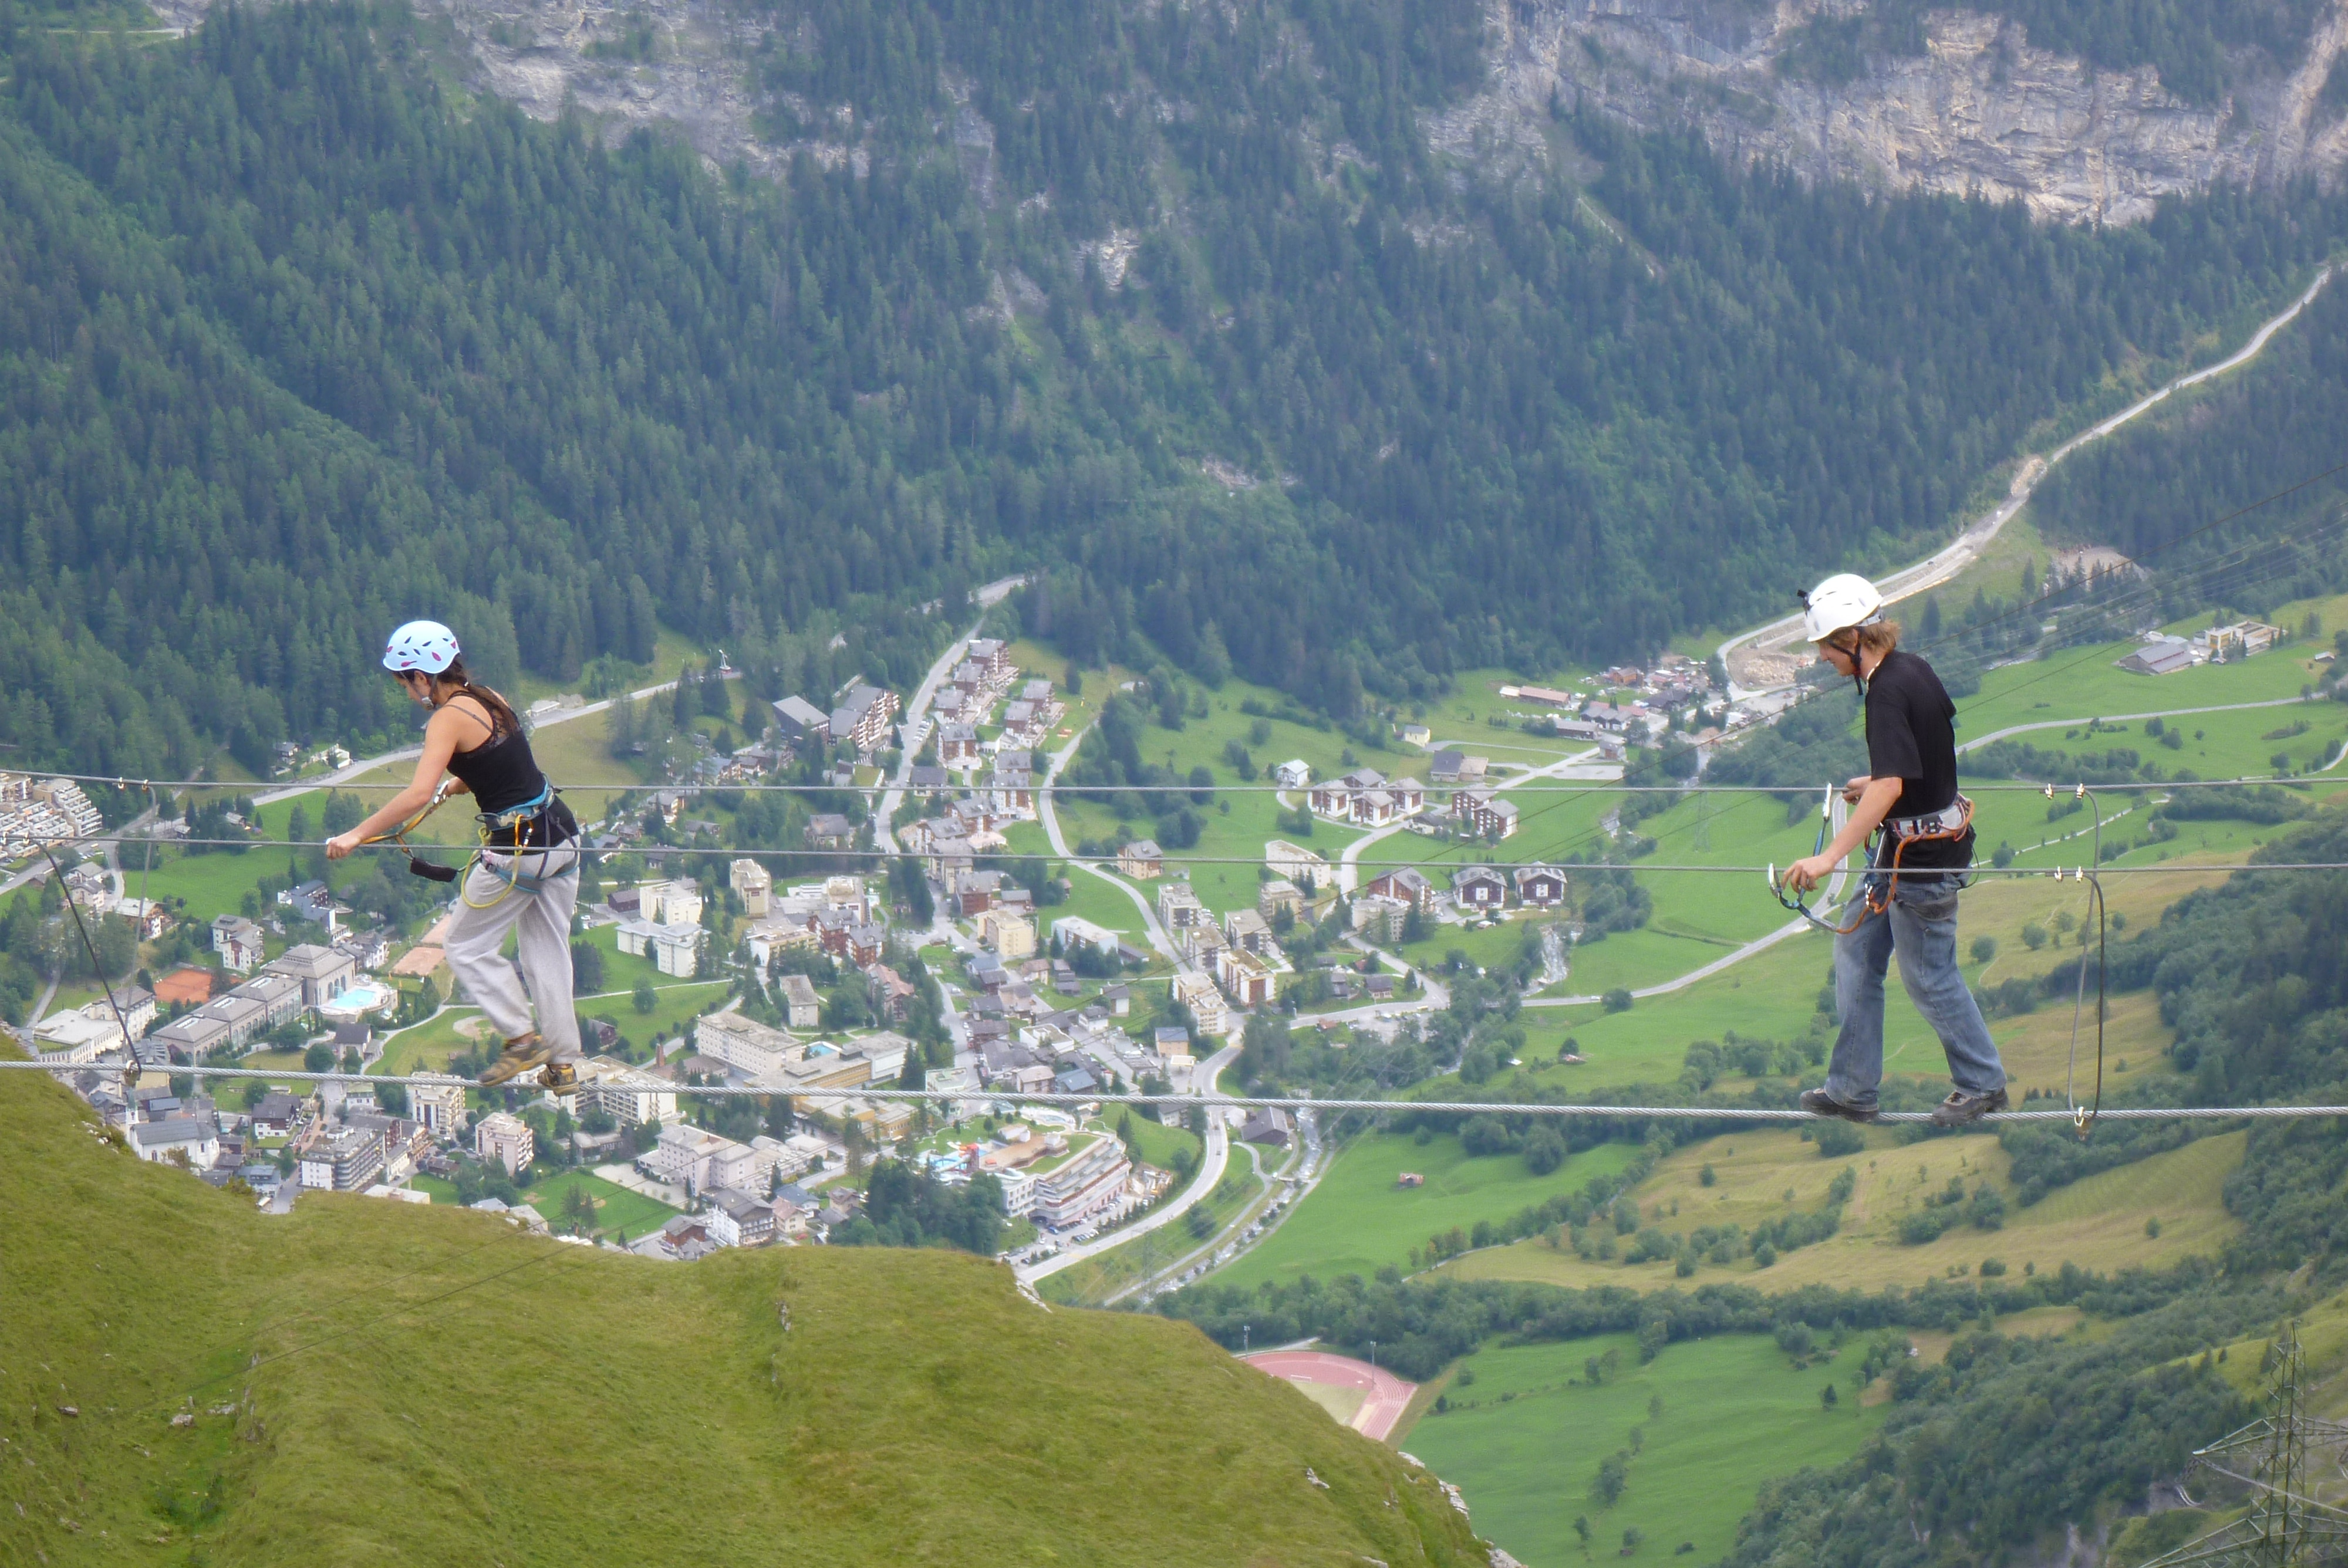 Klettersteig Leukerbad : Klettersteig gemmiwand